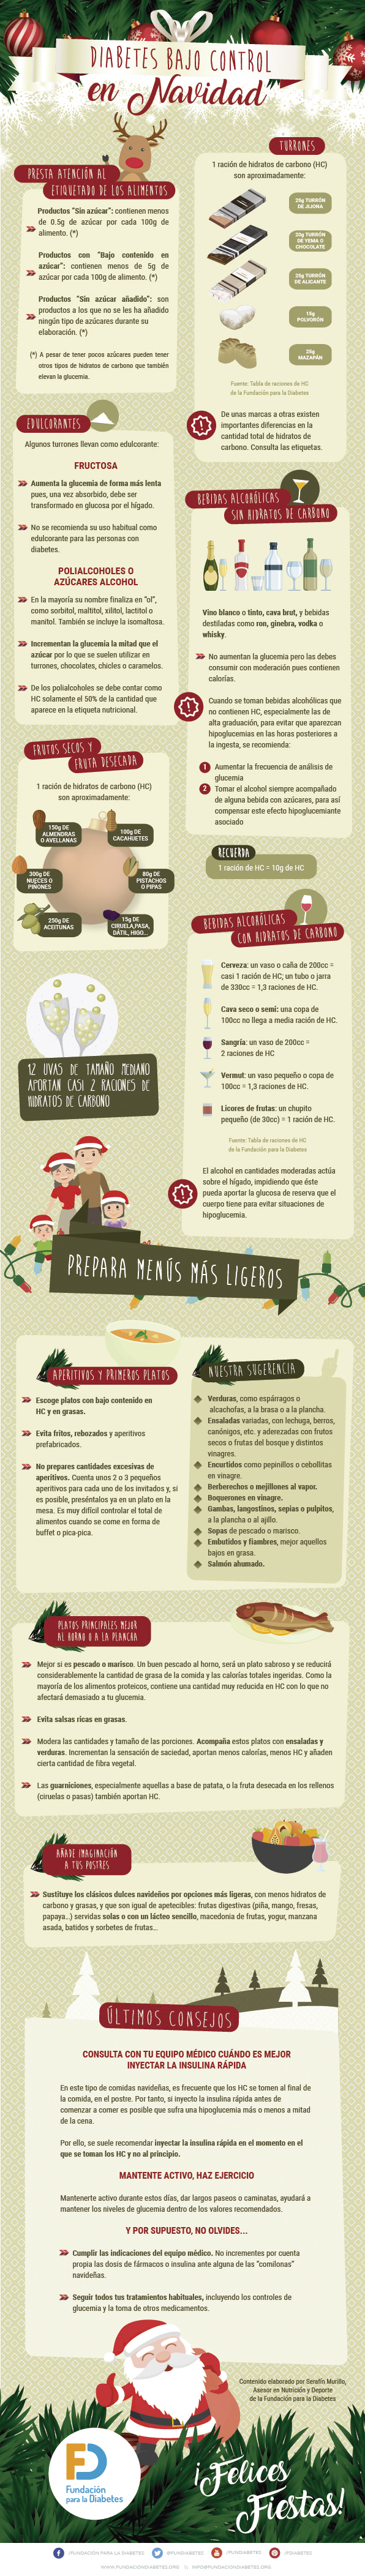 Infografía Diabetes bajo control en Navidad